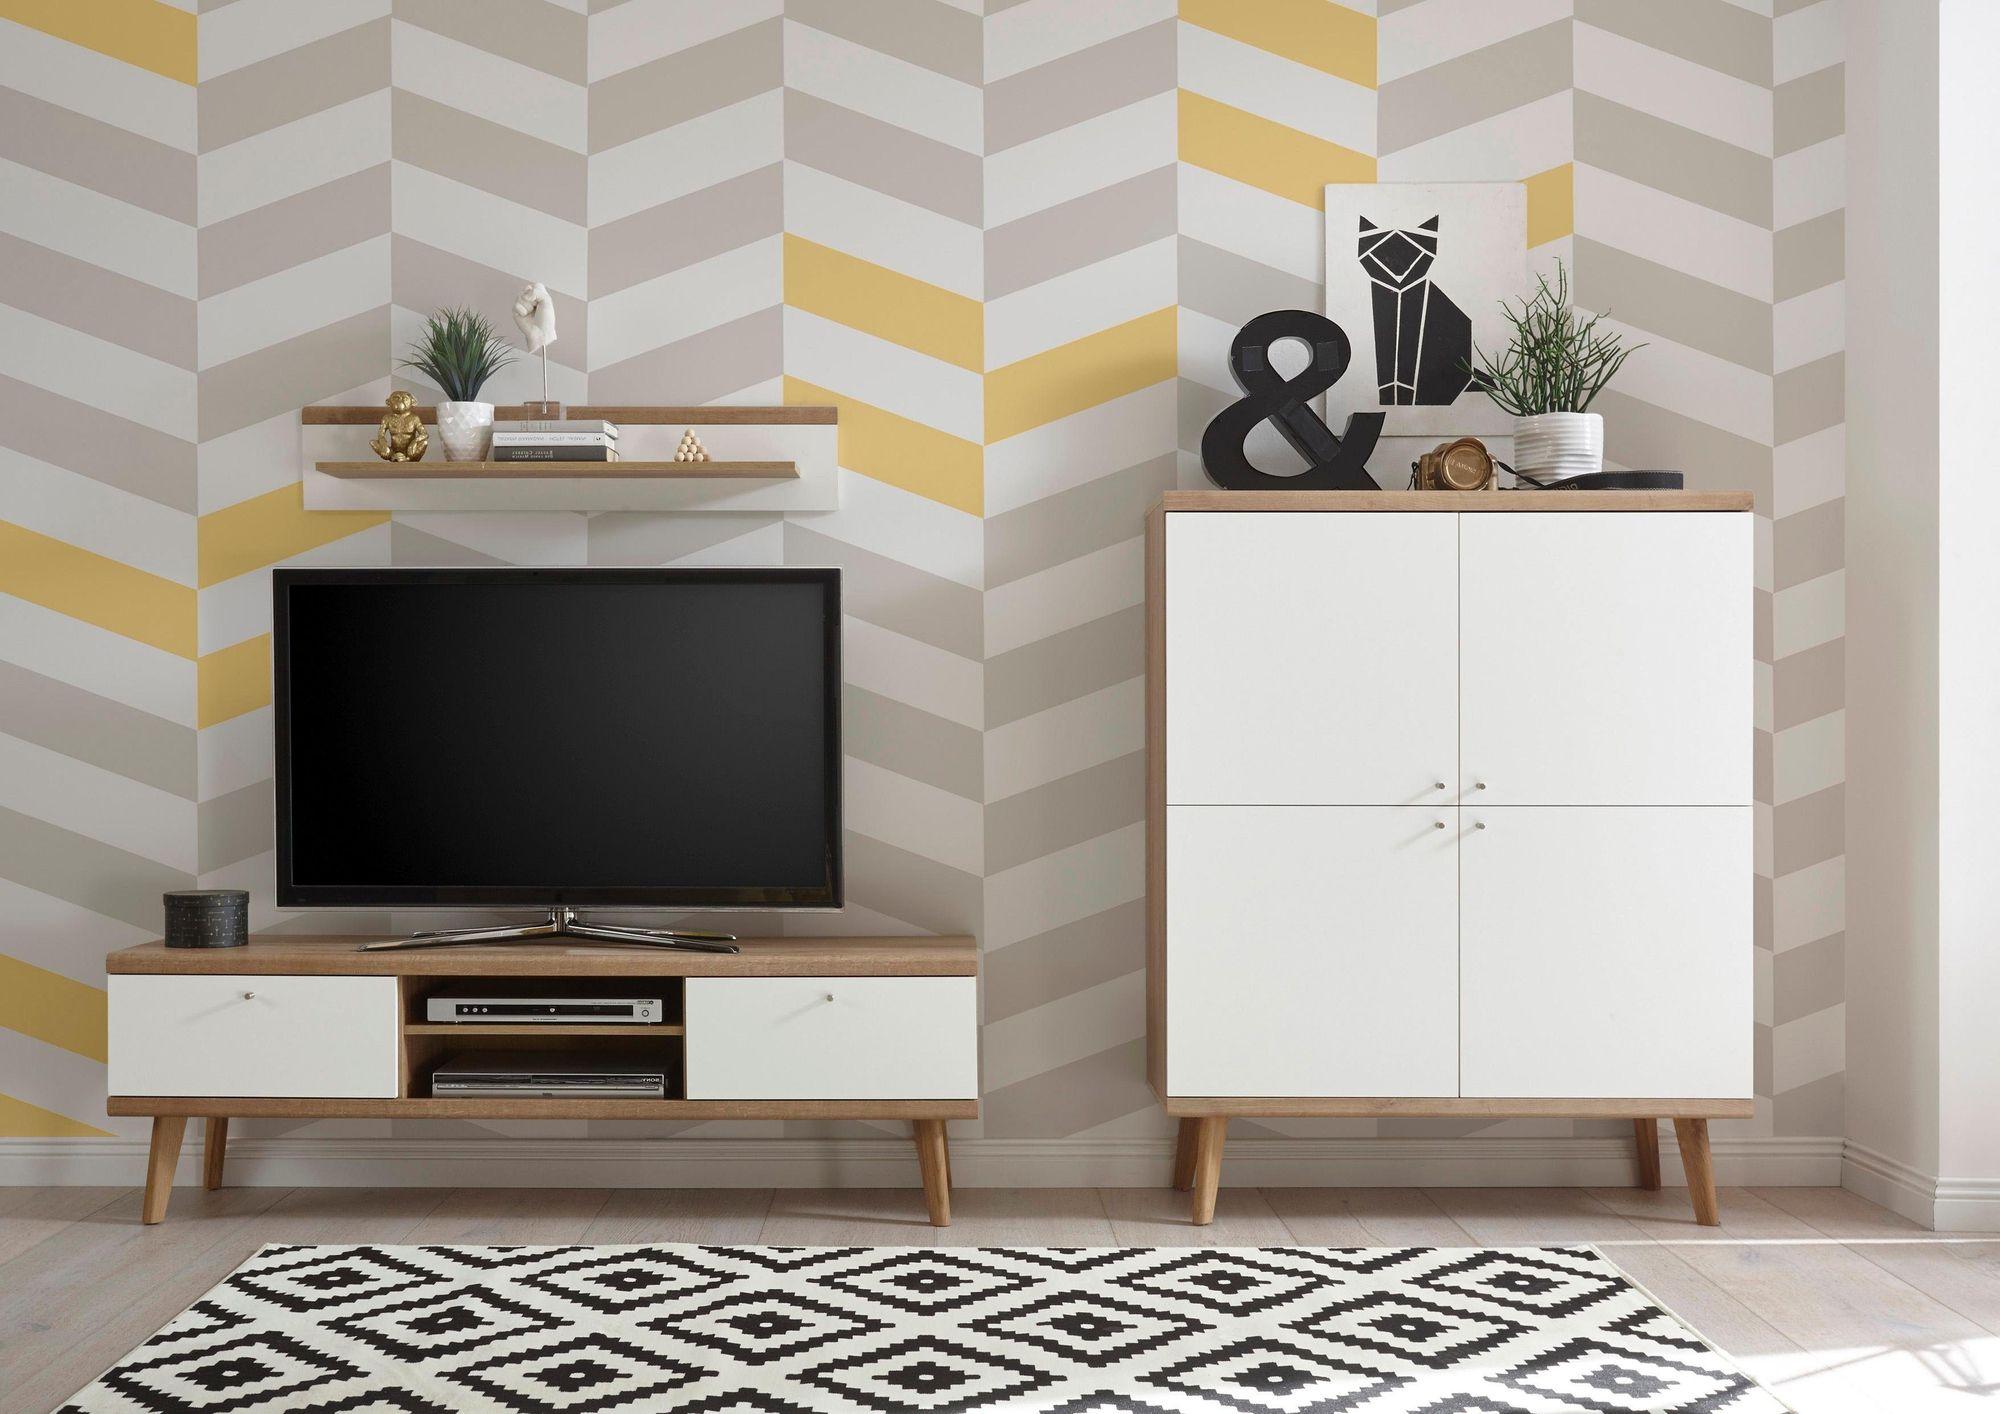 Der Skandinavische Wohnstil Schlichte Formen Und Farben Und Viel